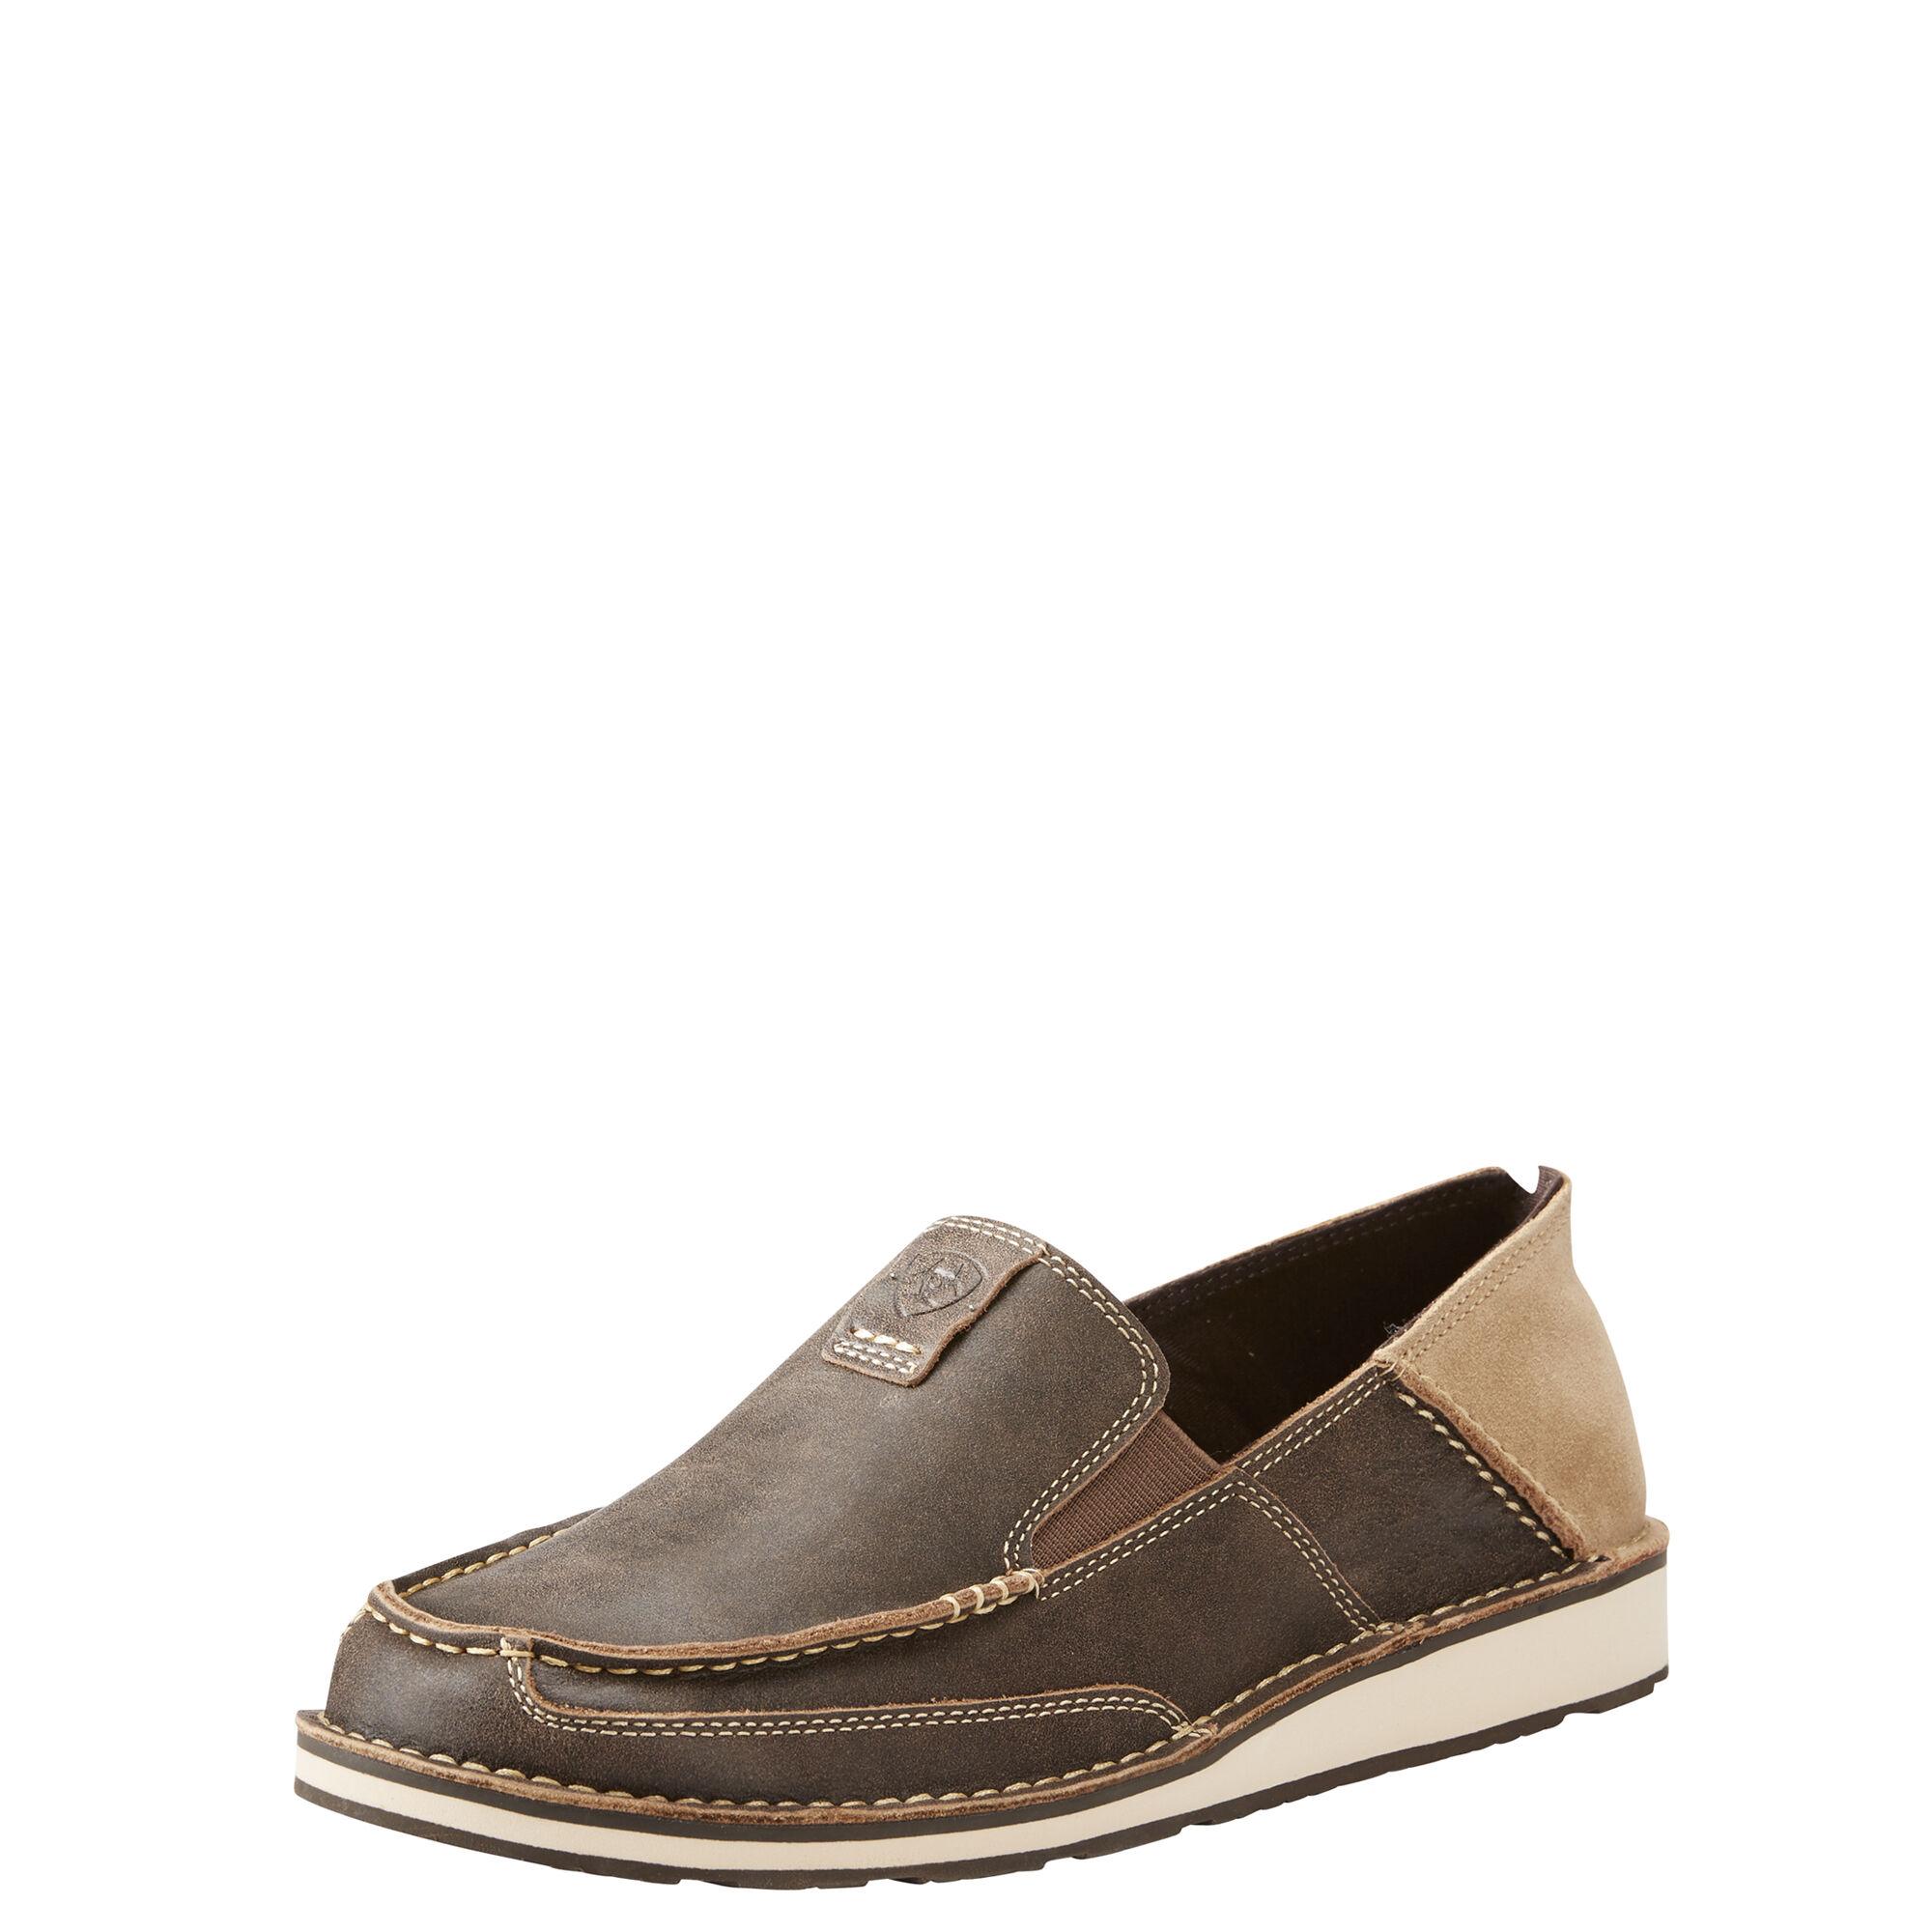 Ariat Mens Cruiser Slip-on Shoe